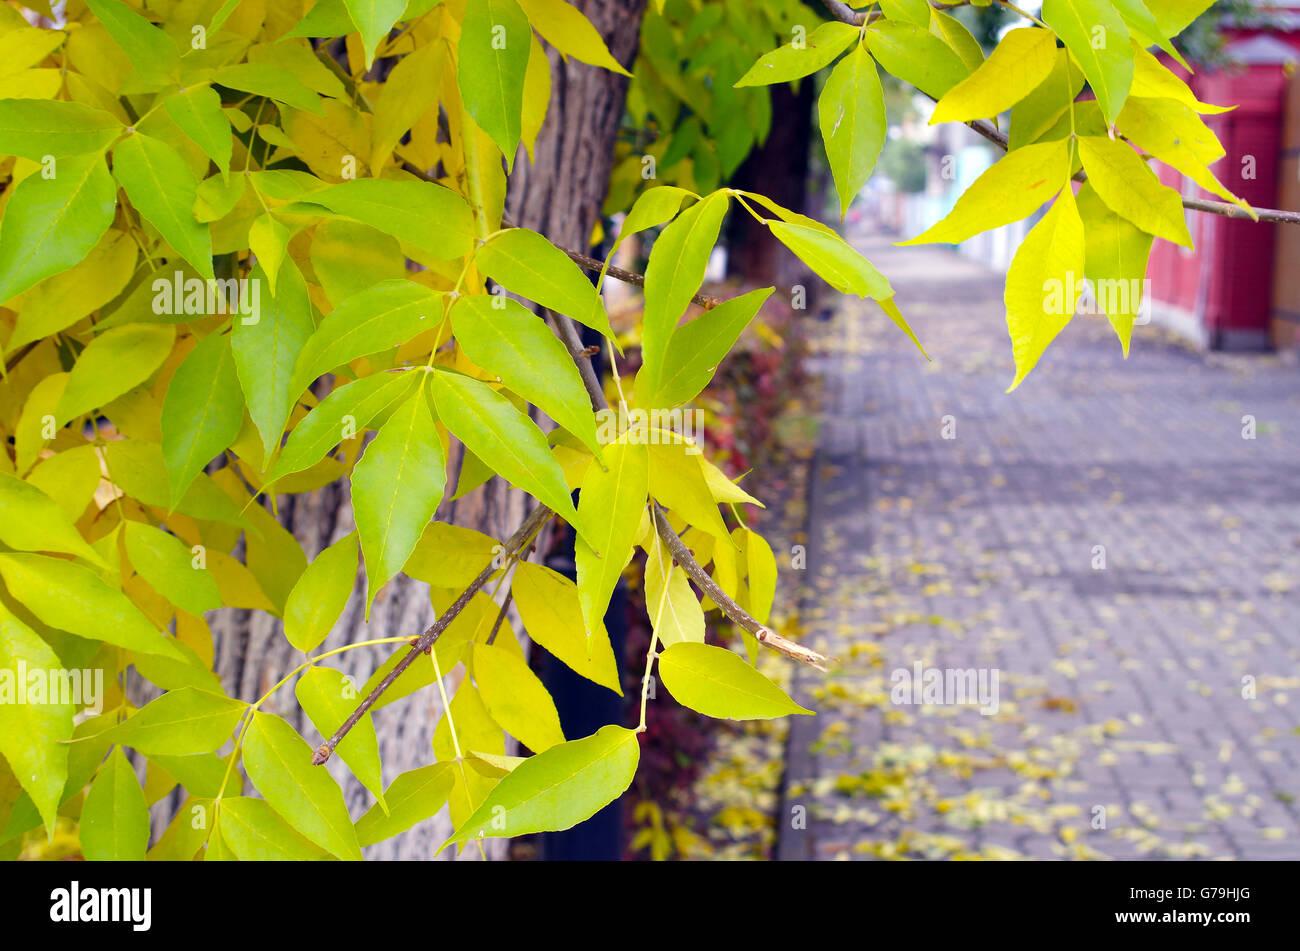 Paesaggio autunnale per le strade cenere con foglie di giallo e